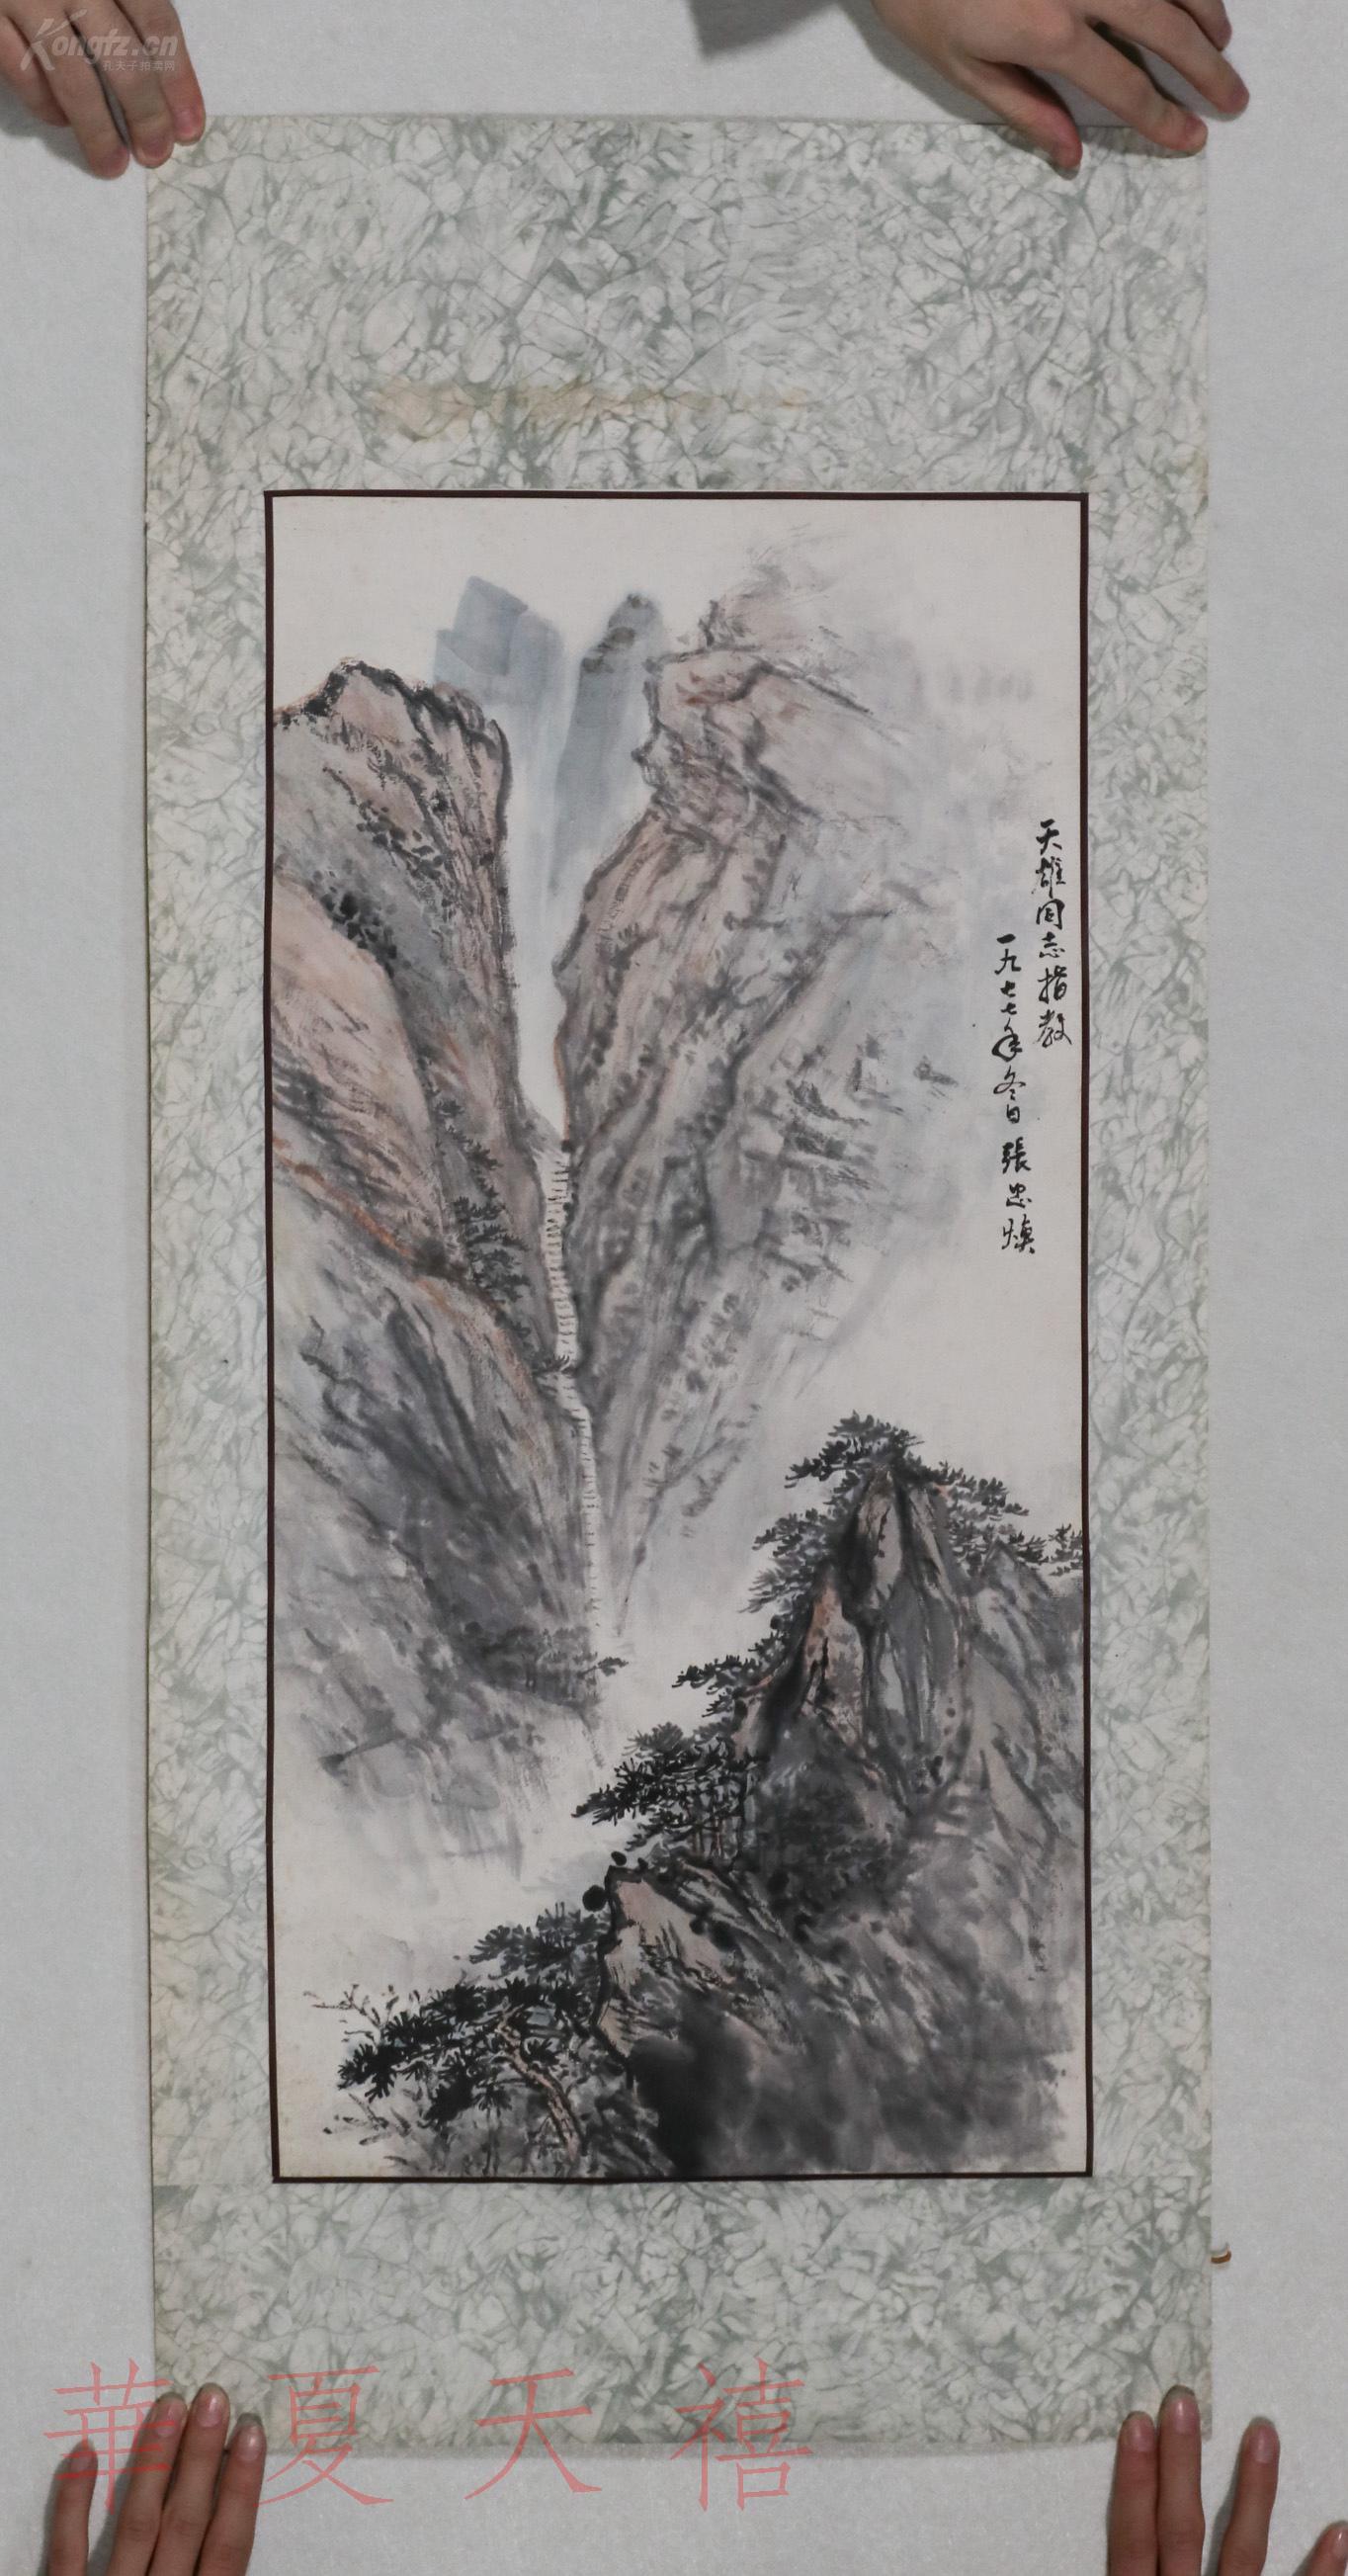 海派老画家 张忠焕 1977年水墨山水画《山涧小径图》一幅(纸本托片,约